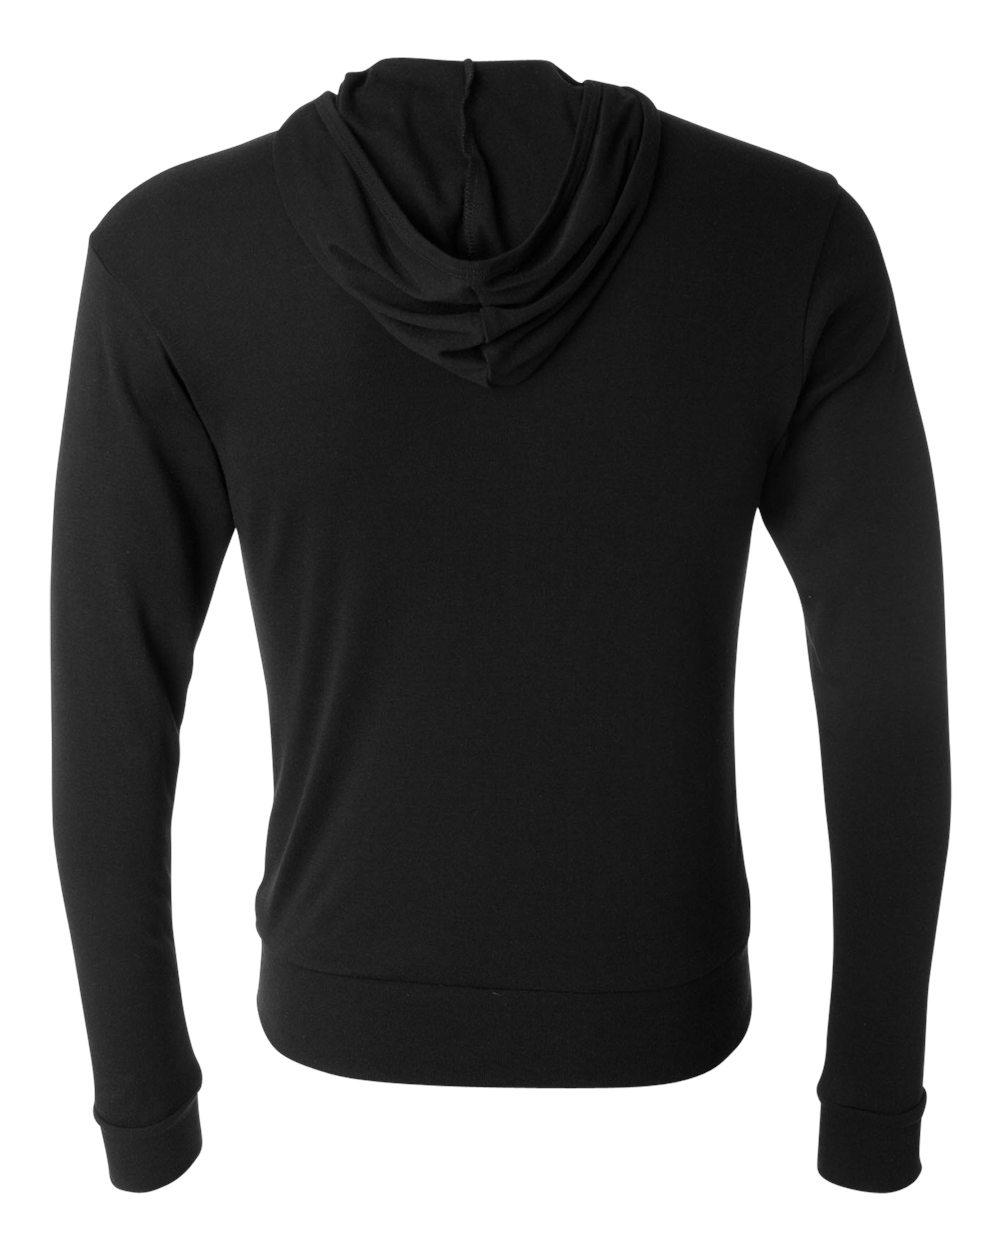 Bella-Canvas-Unisex-Triblend-Lightweight-Hooded-Full-Zip-T-Shirt-3939-upto-2XL thumbnail 28